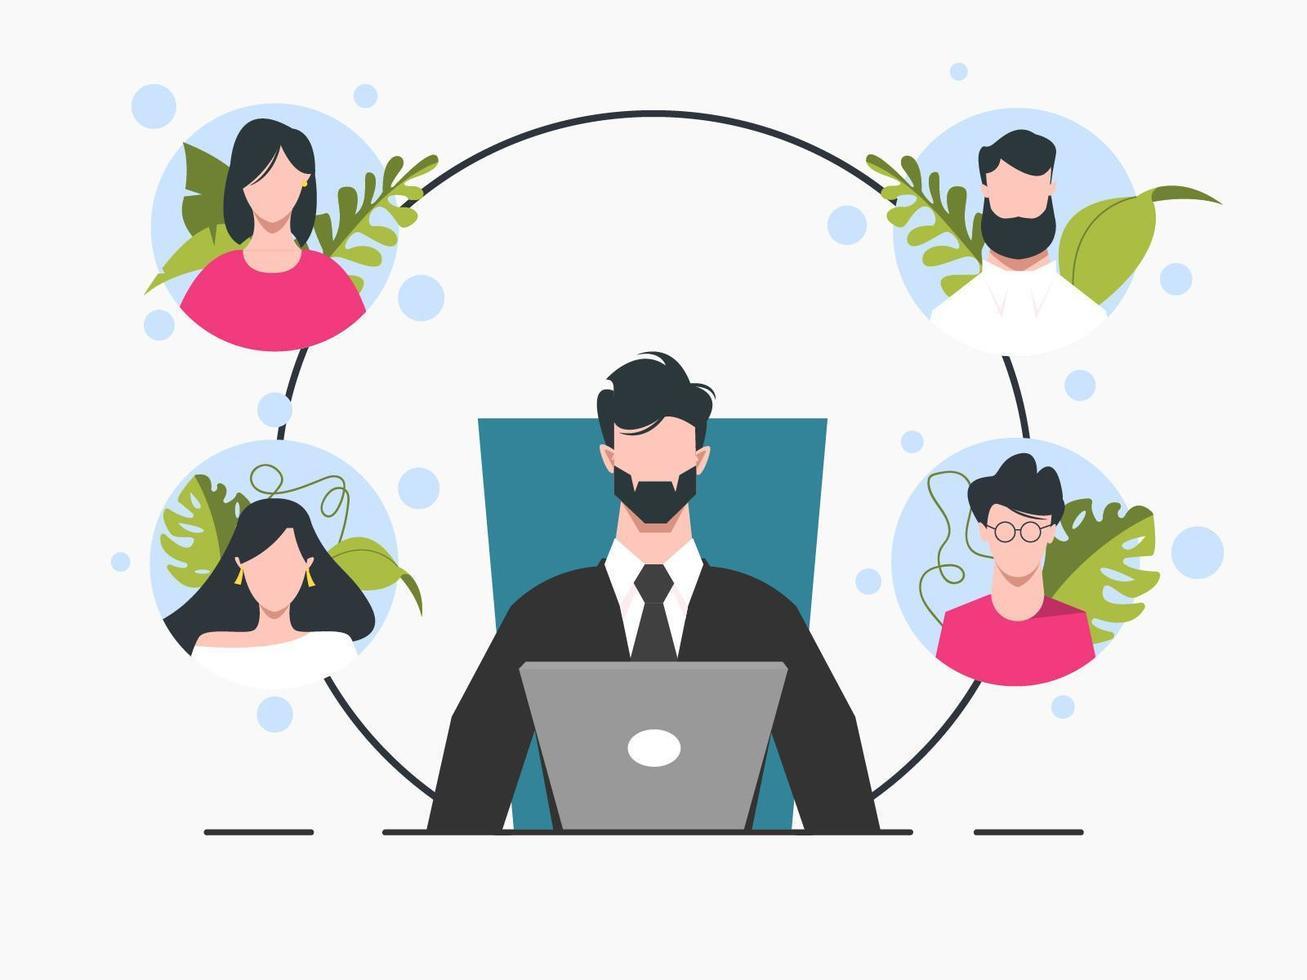 homme d & # 39; affaires à l & # 39; ordinateur portable en réunion avec des avatars vecteur